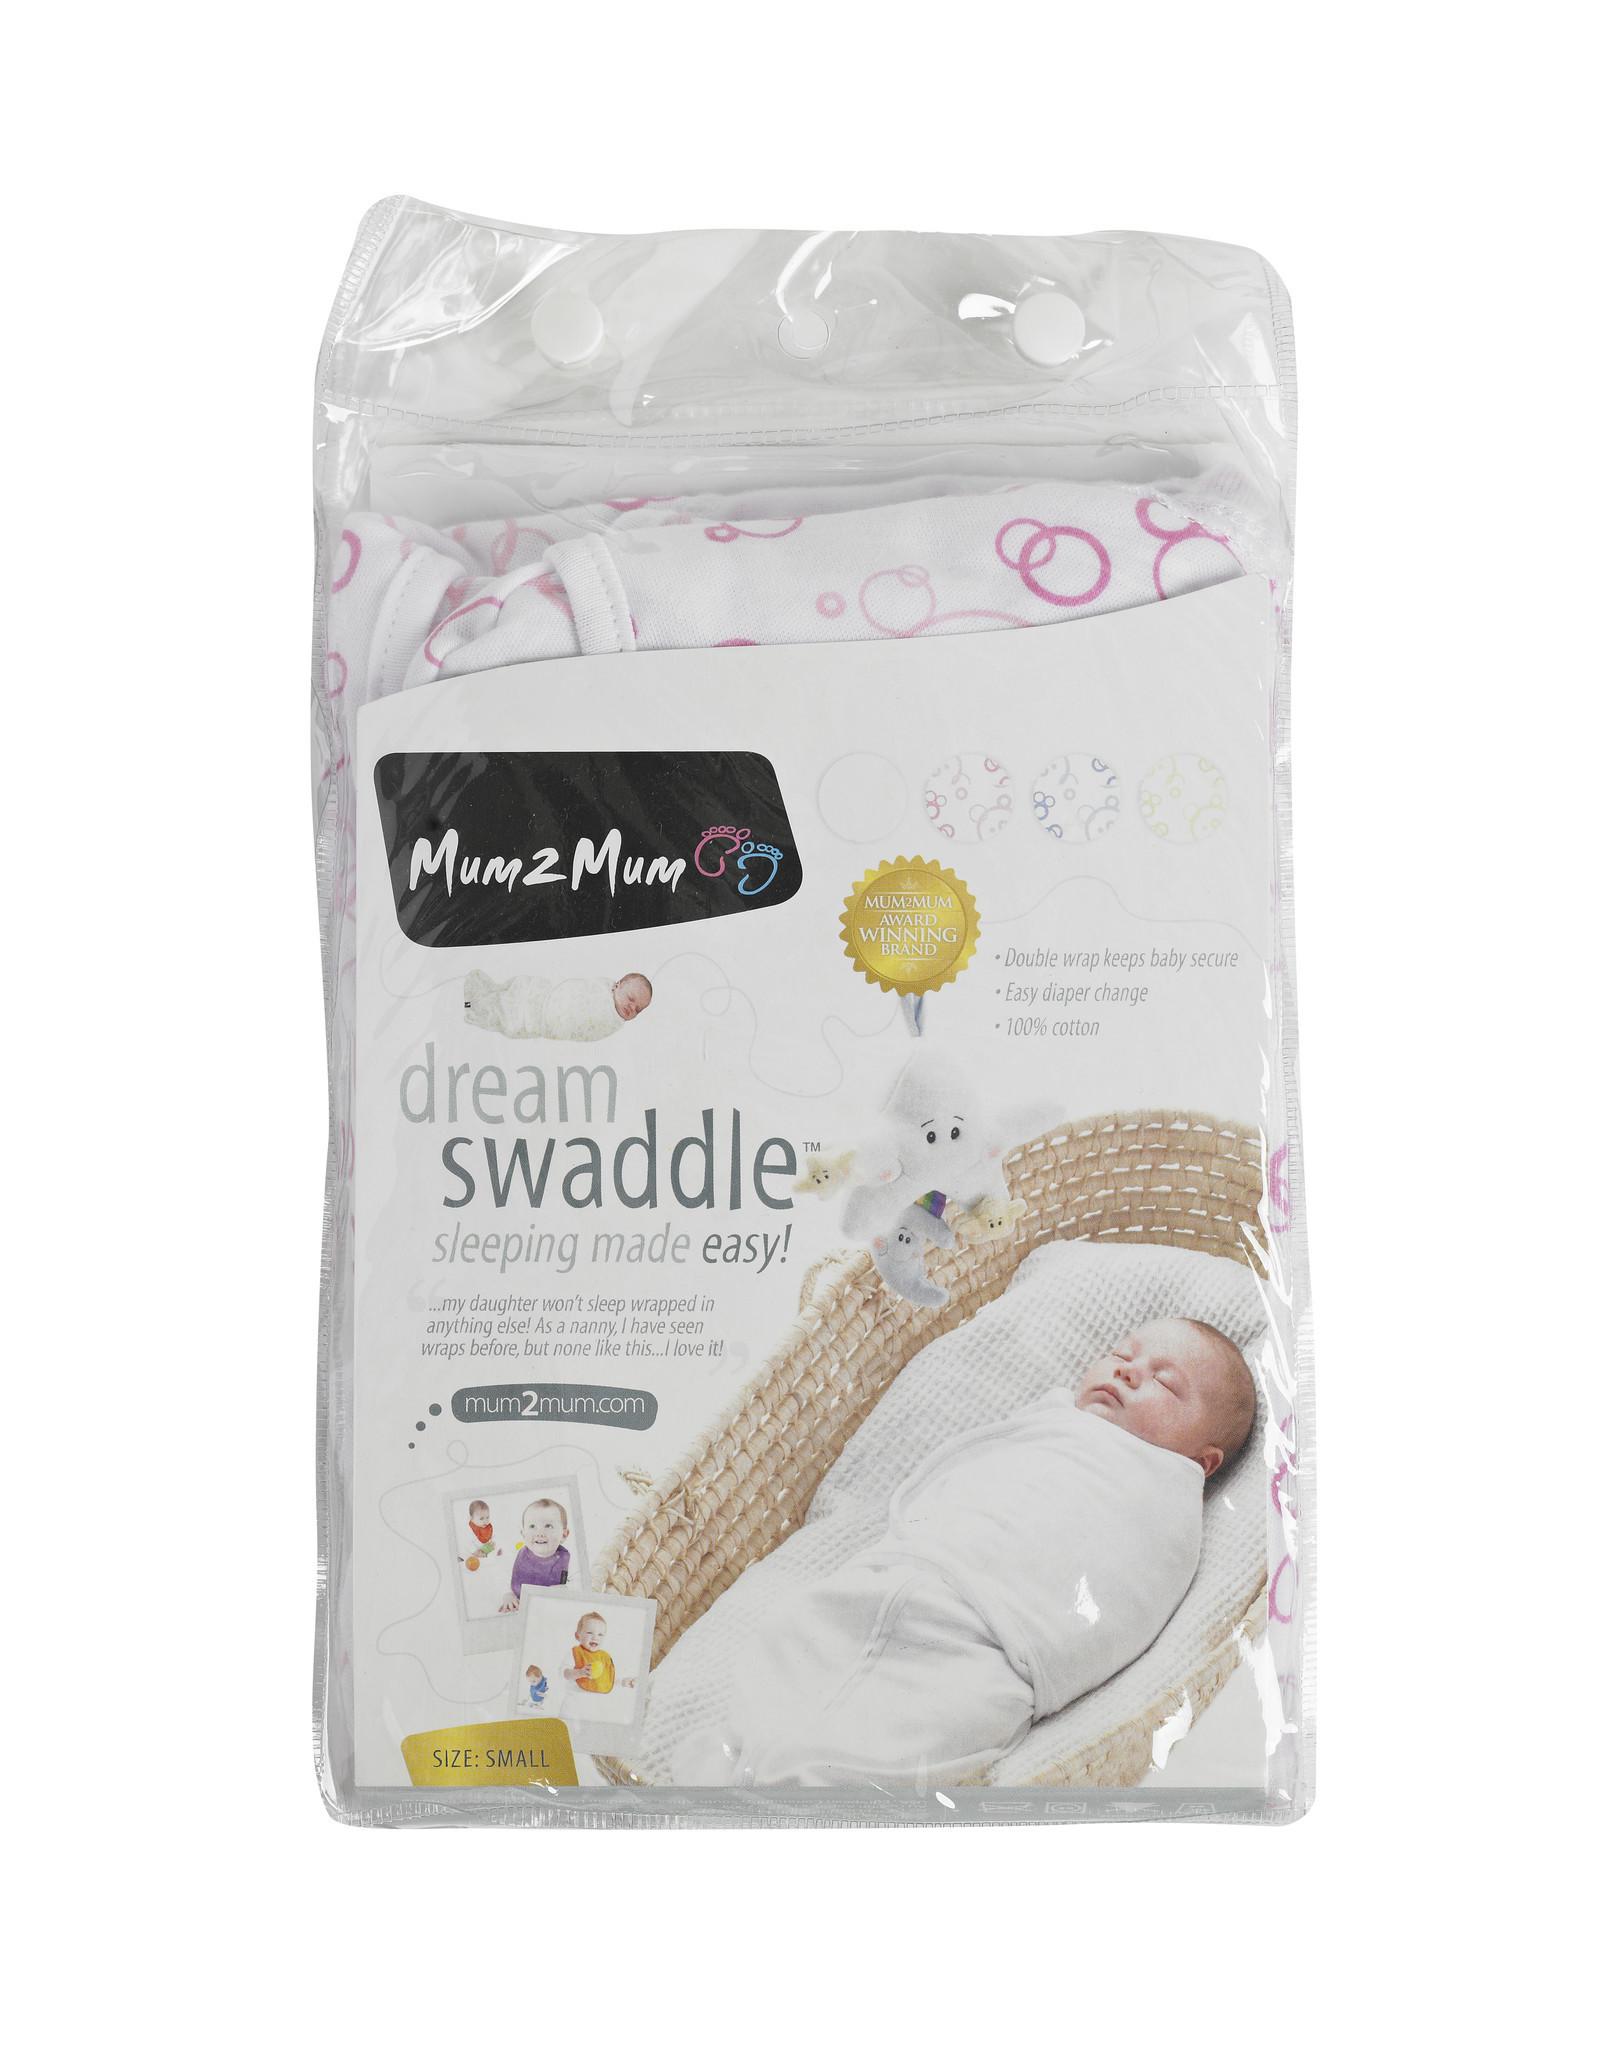 Mum2Mum Mum2Mum Dream Swaddle Small Pink